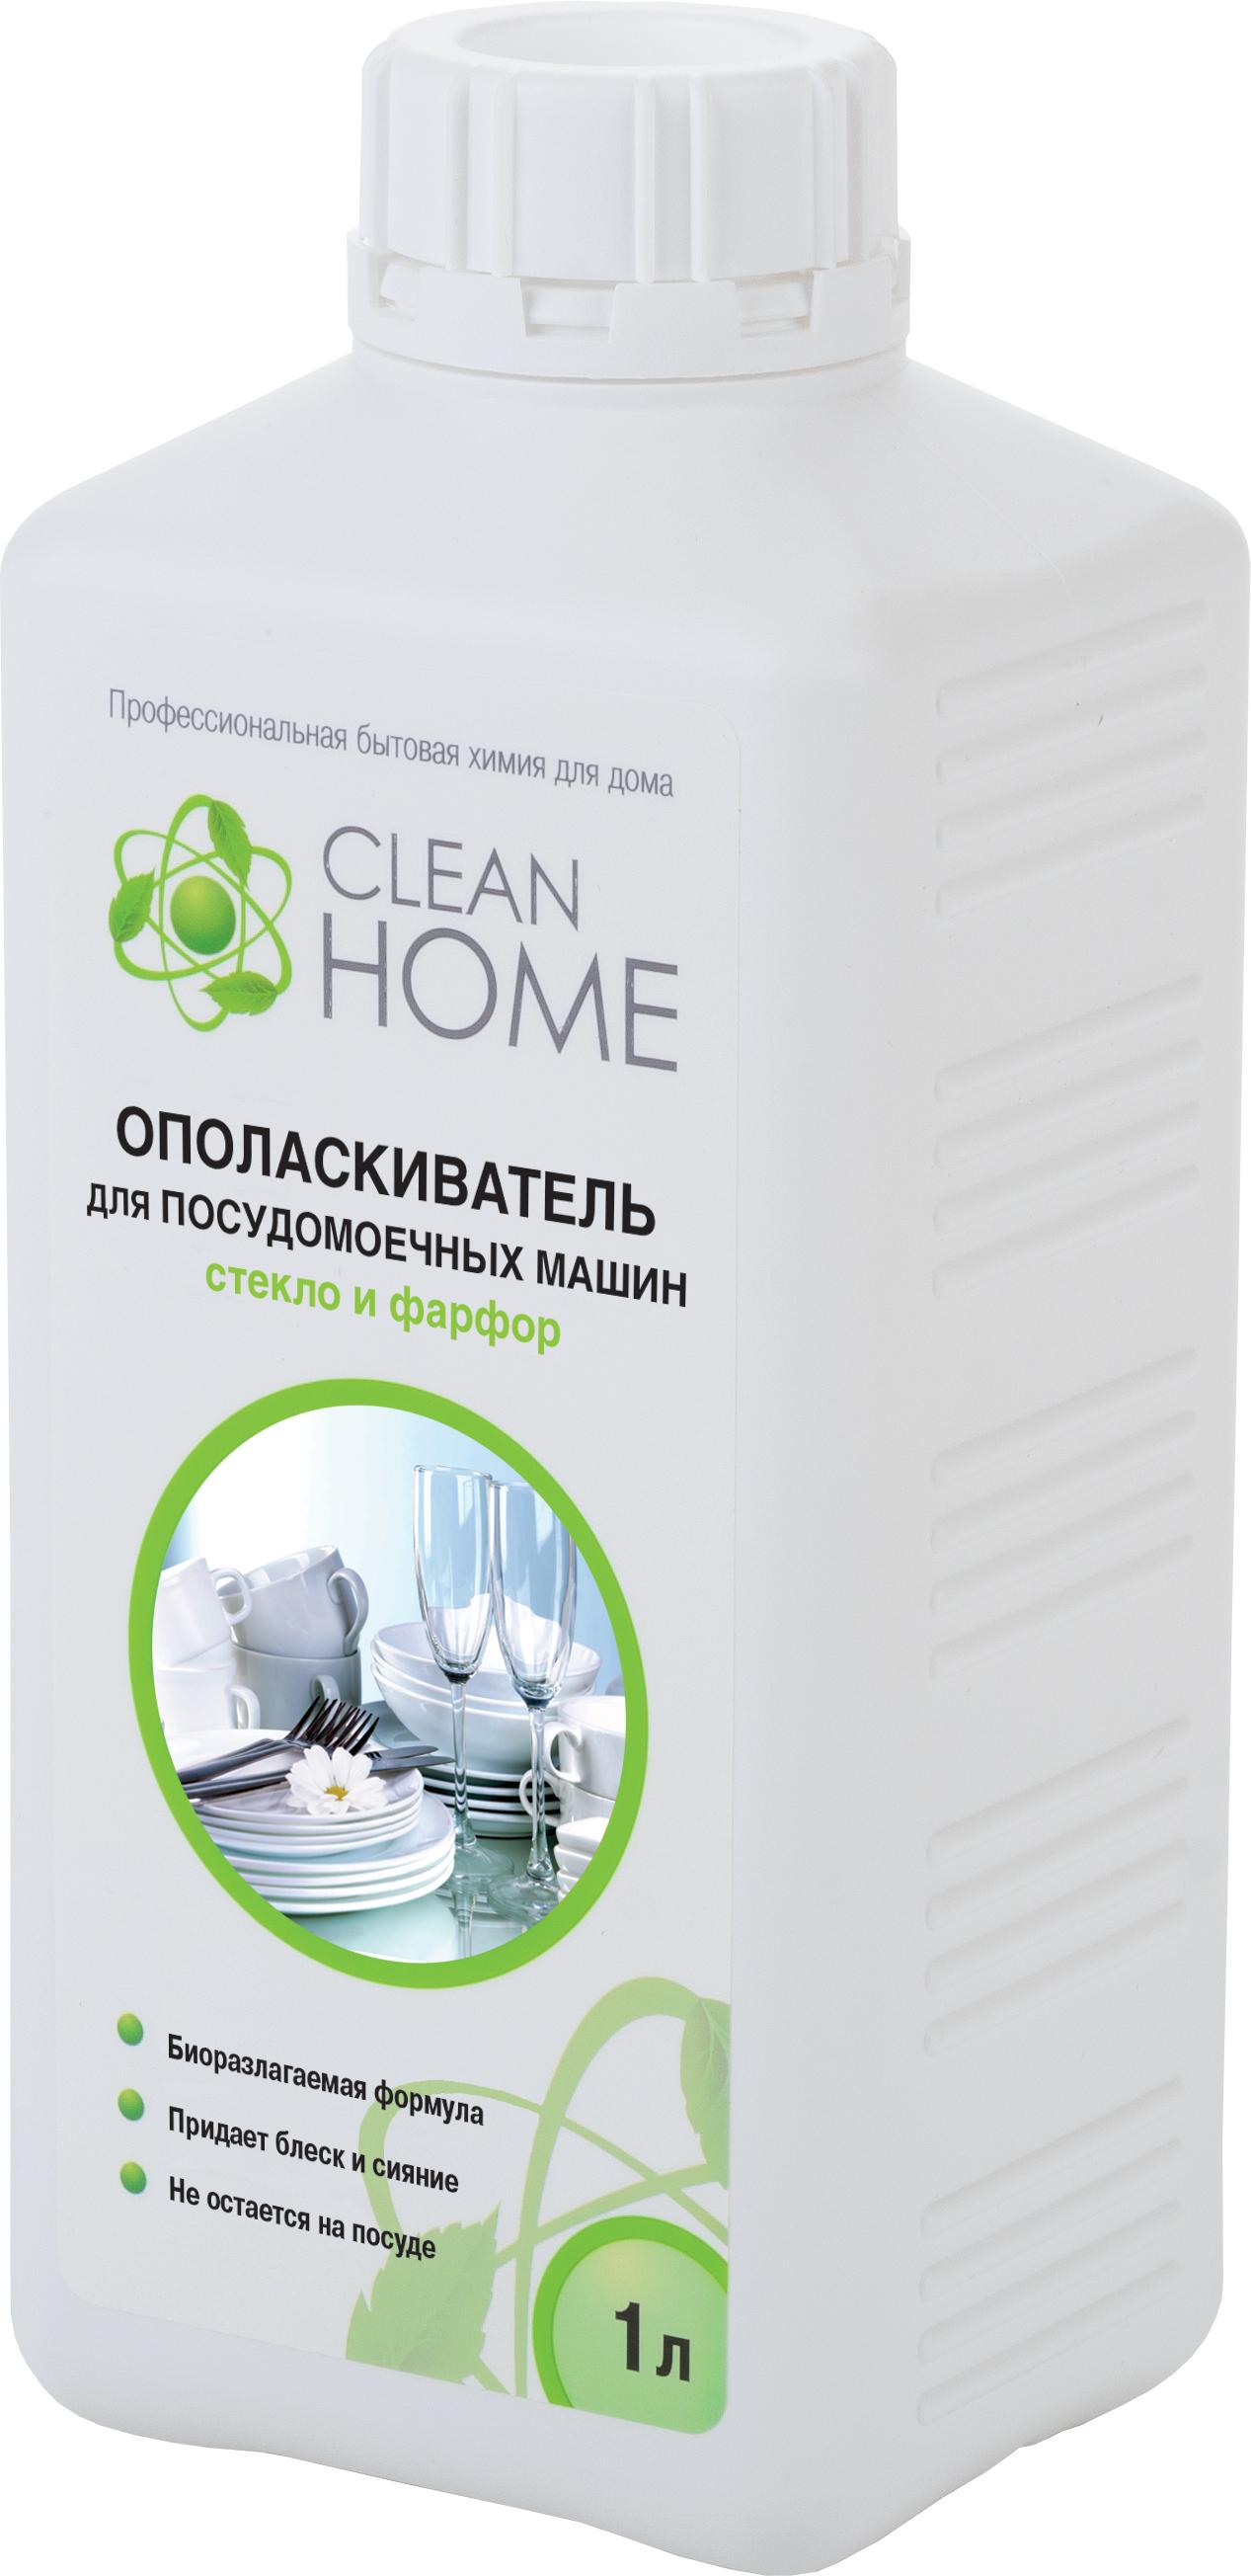 CLEAN HOME Ополаскиватель для посудомоечных машин  Стекло и фарфор